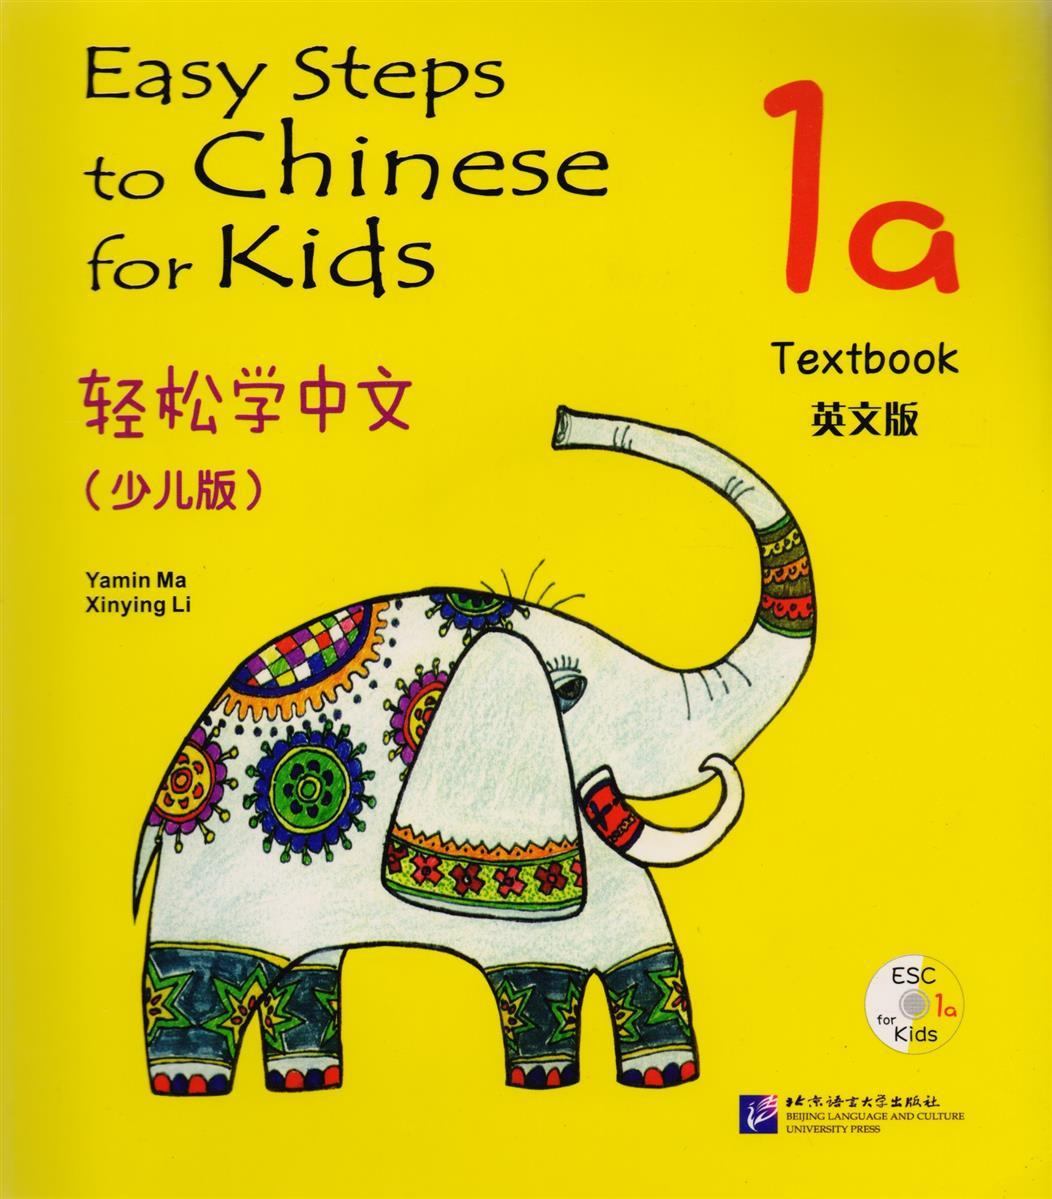 Yamin Ma Easy Steps to Chinese for kids 1A - SB&CD / Легкие Шаги к Китайскому для детей. Часть 1A - Учебник с CD (на китайском и английском языках) cd диск guano apes offline 1 cd